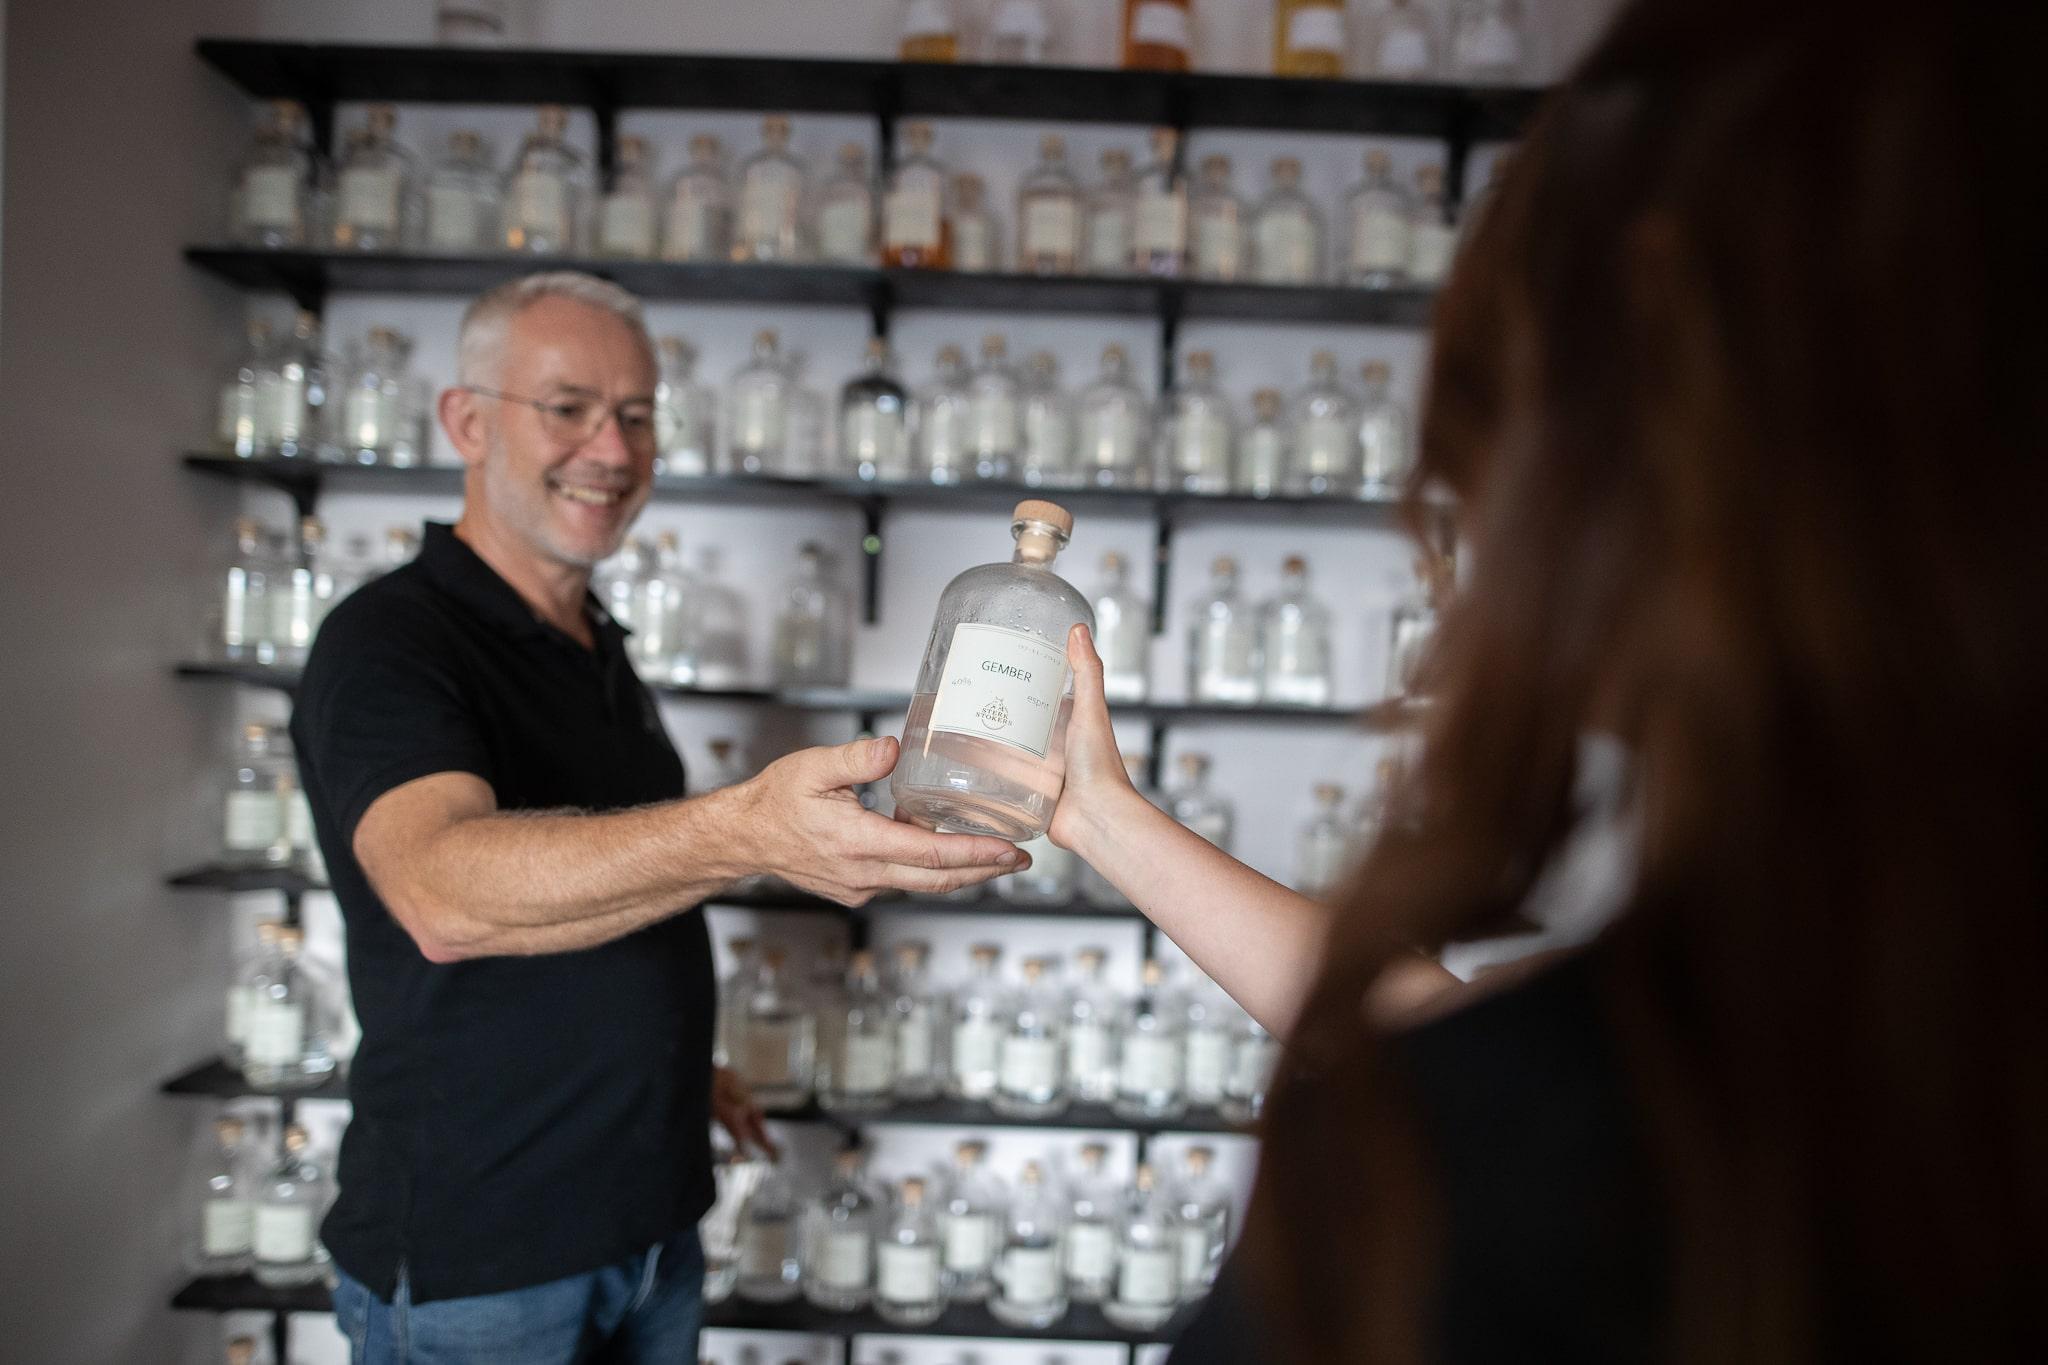 Sterkstokers Maak je eigen drank voor Private Label Horecazaken en Bedrijven